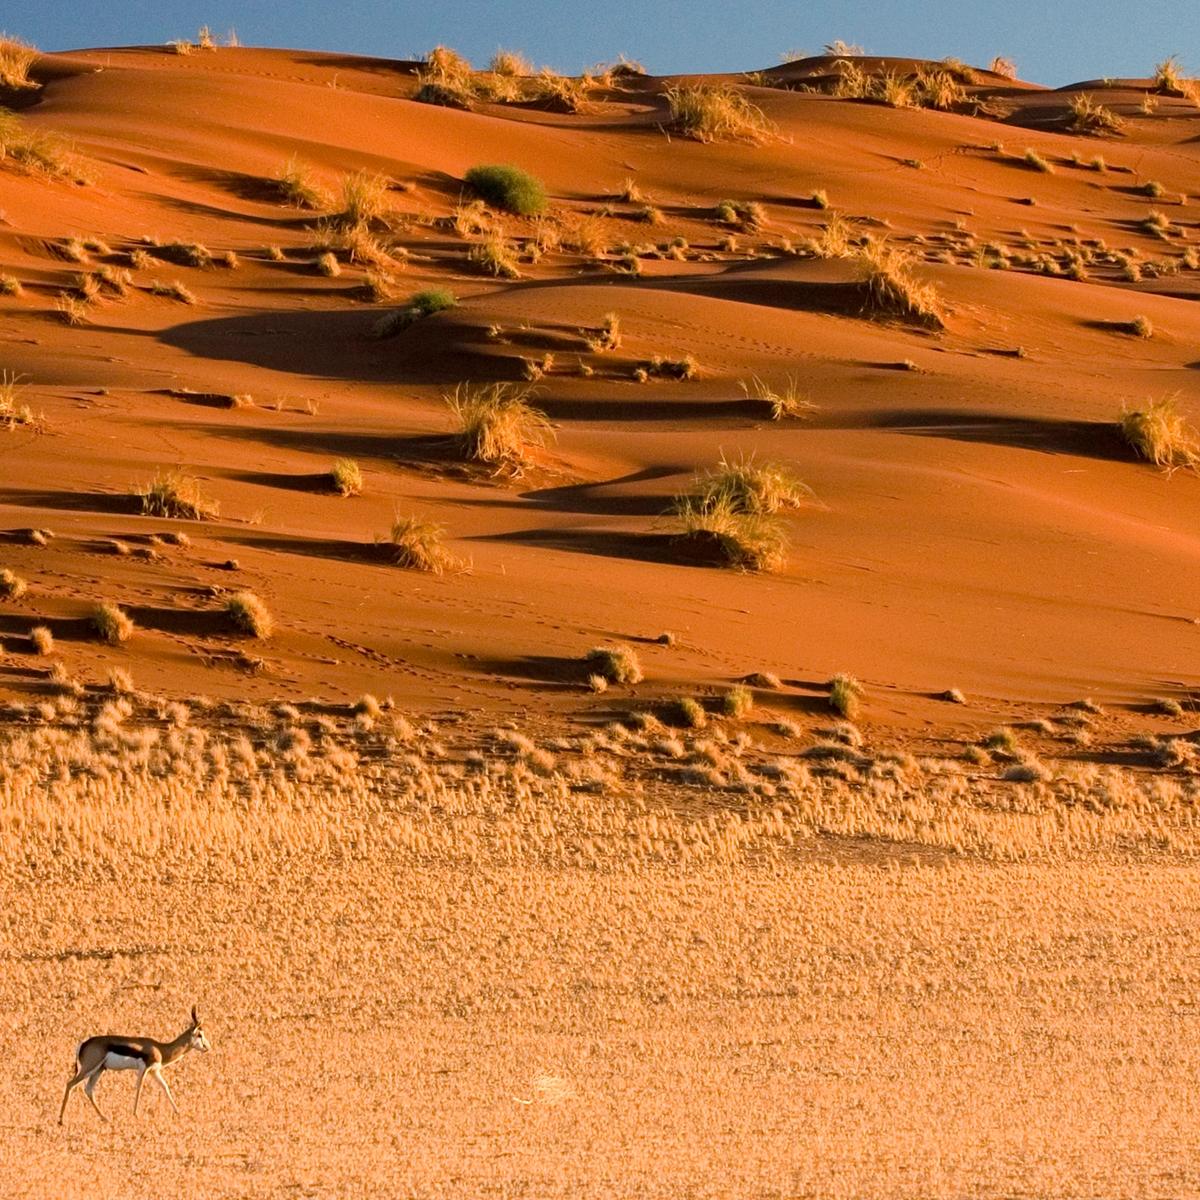 Die schönsten Reiseziele Afrikas: Namib-Wüste, Namibia